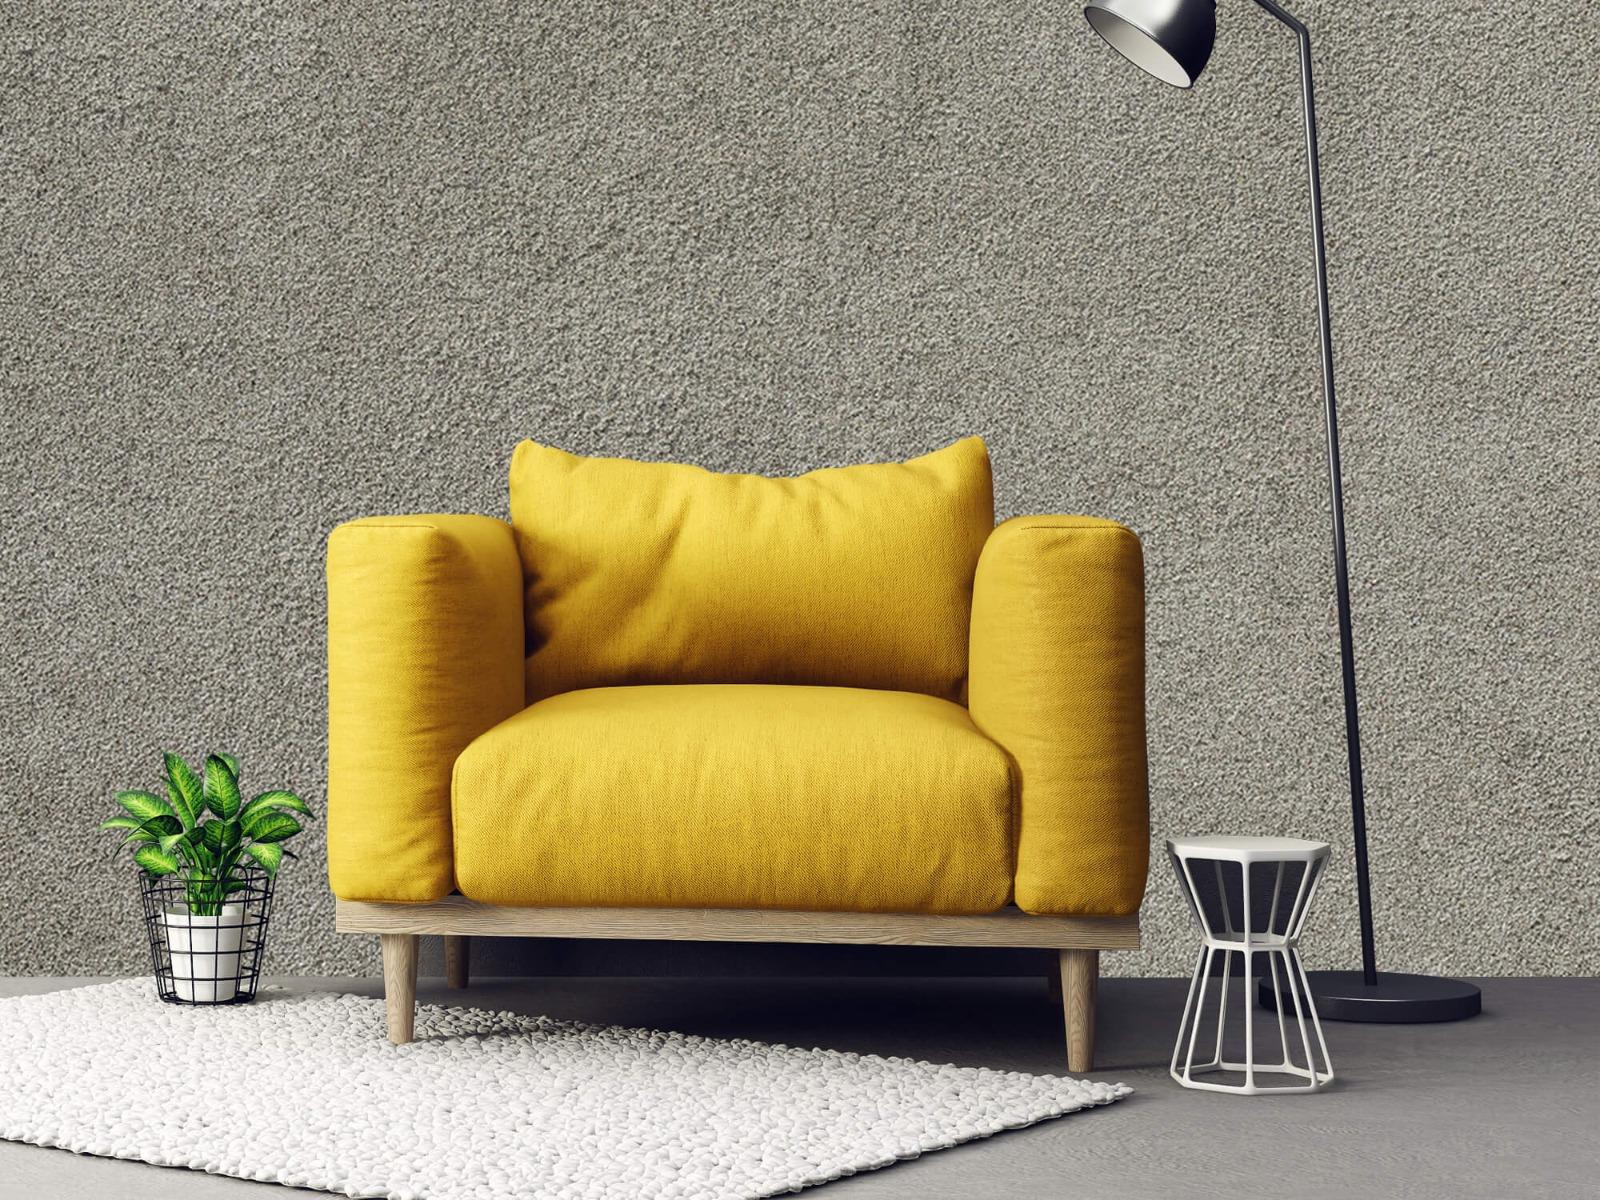 Betonlook behang - Betonnen muur met fijne steentjes - Kantoor 21